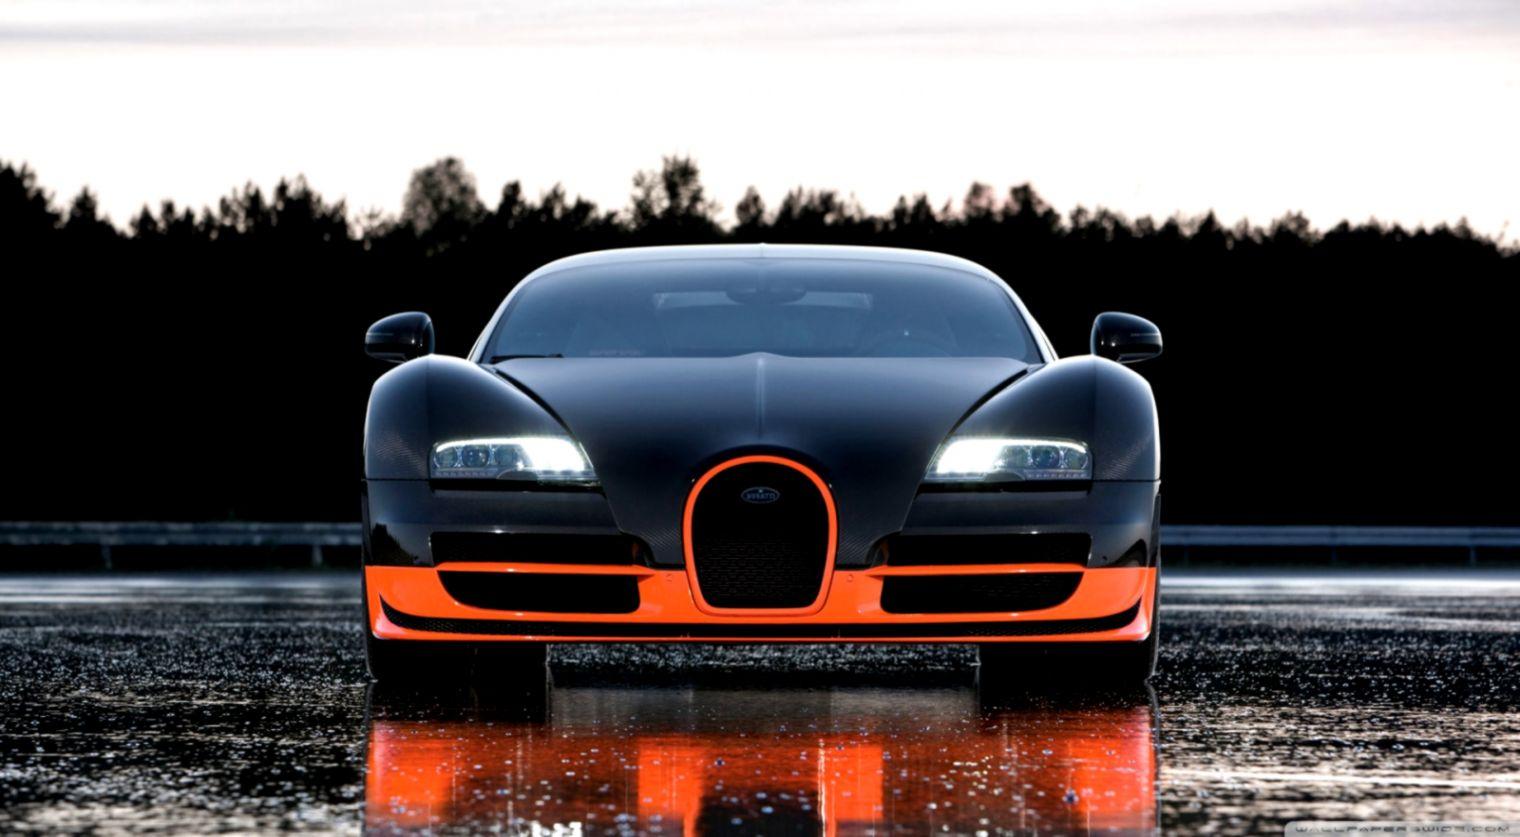 Bugatti Veyron Wallpaper Desktop Hd Eazy Wallpapers